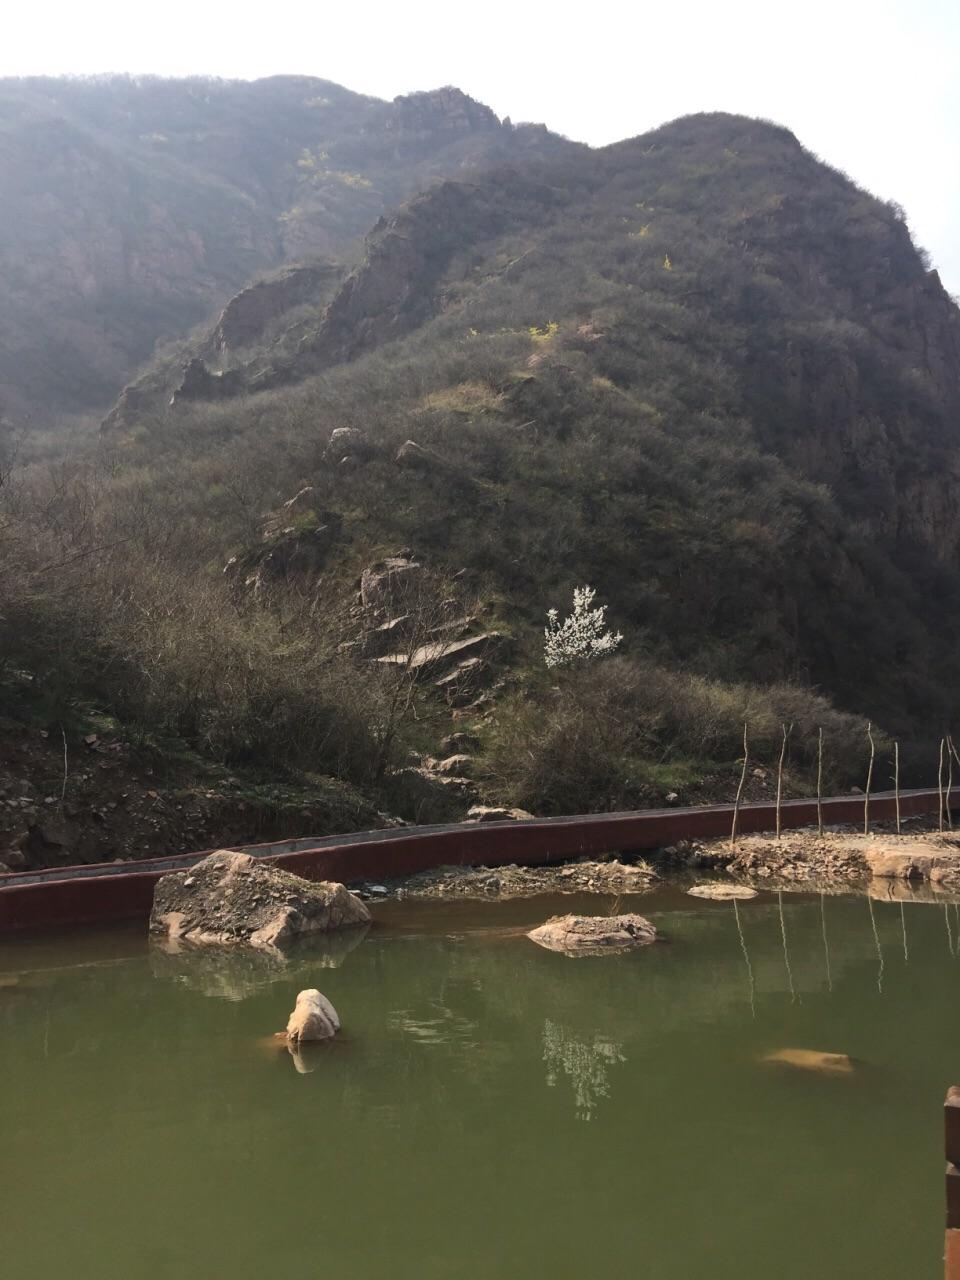 【携程攻略】登封大熊山仙人谷景点,大熊山仙人谷风景